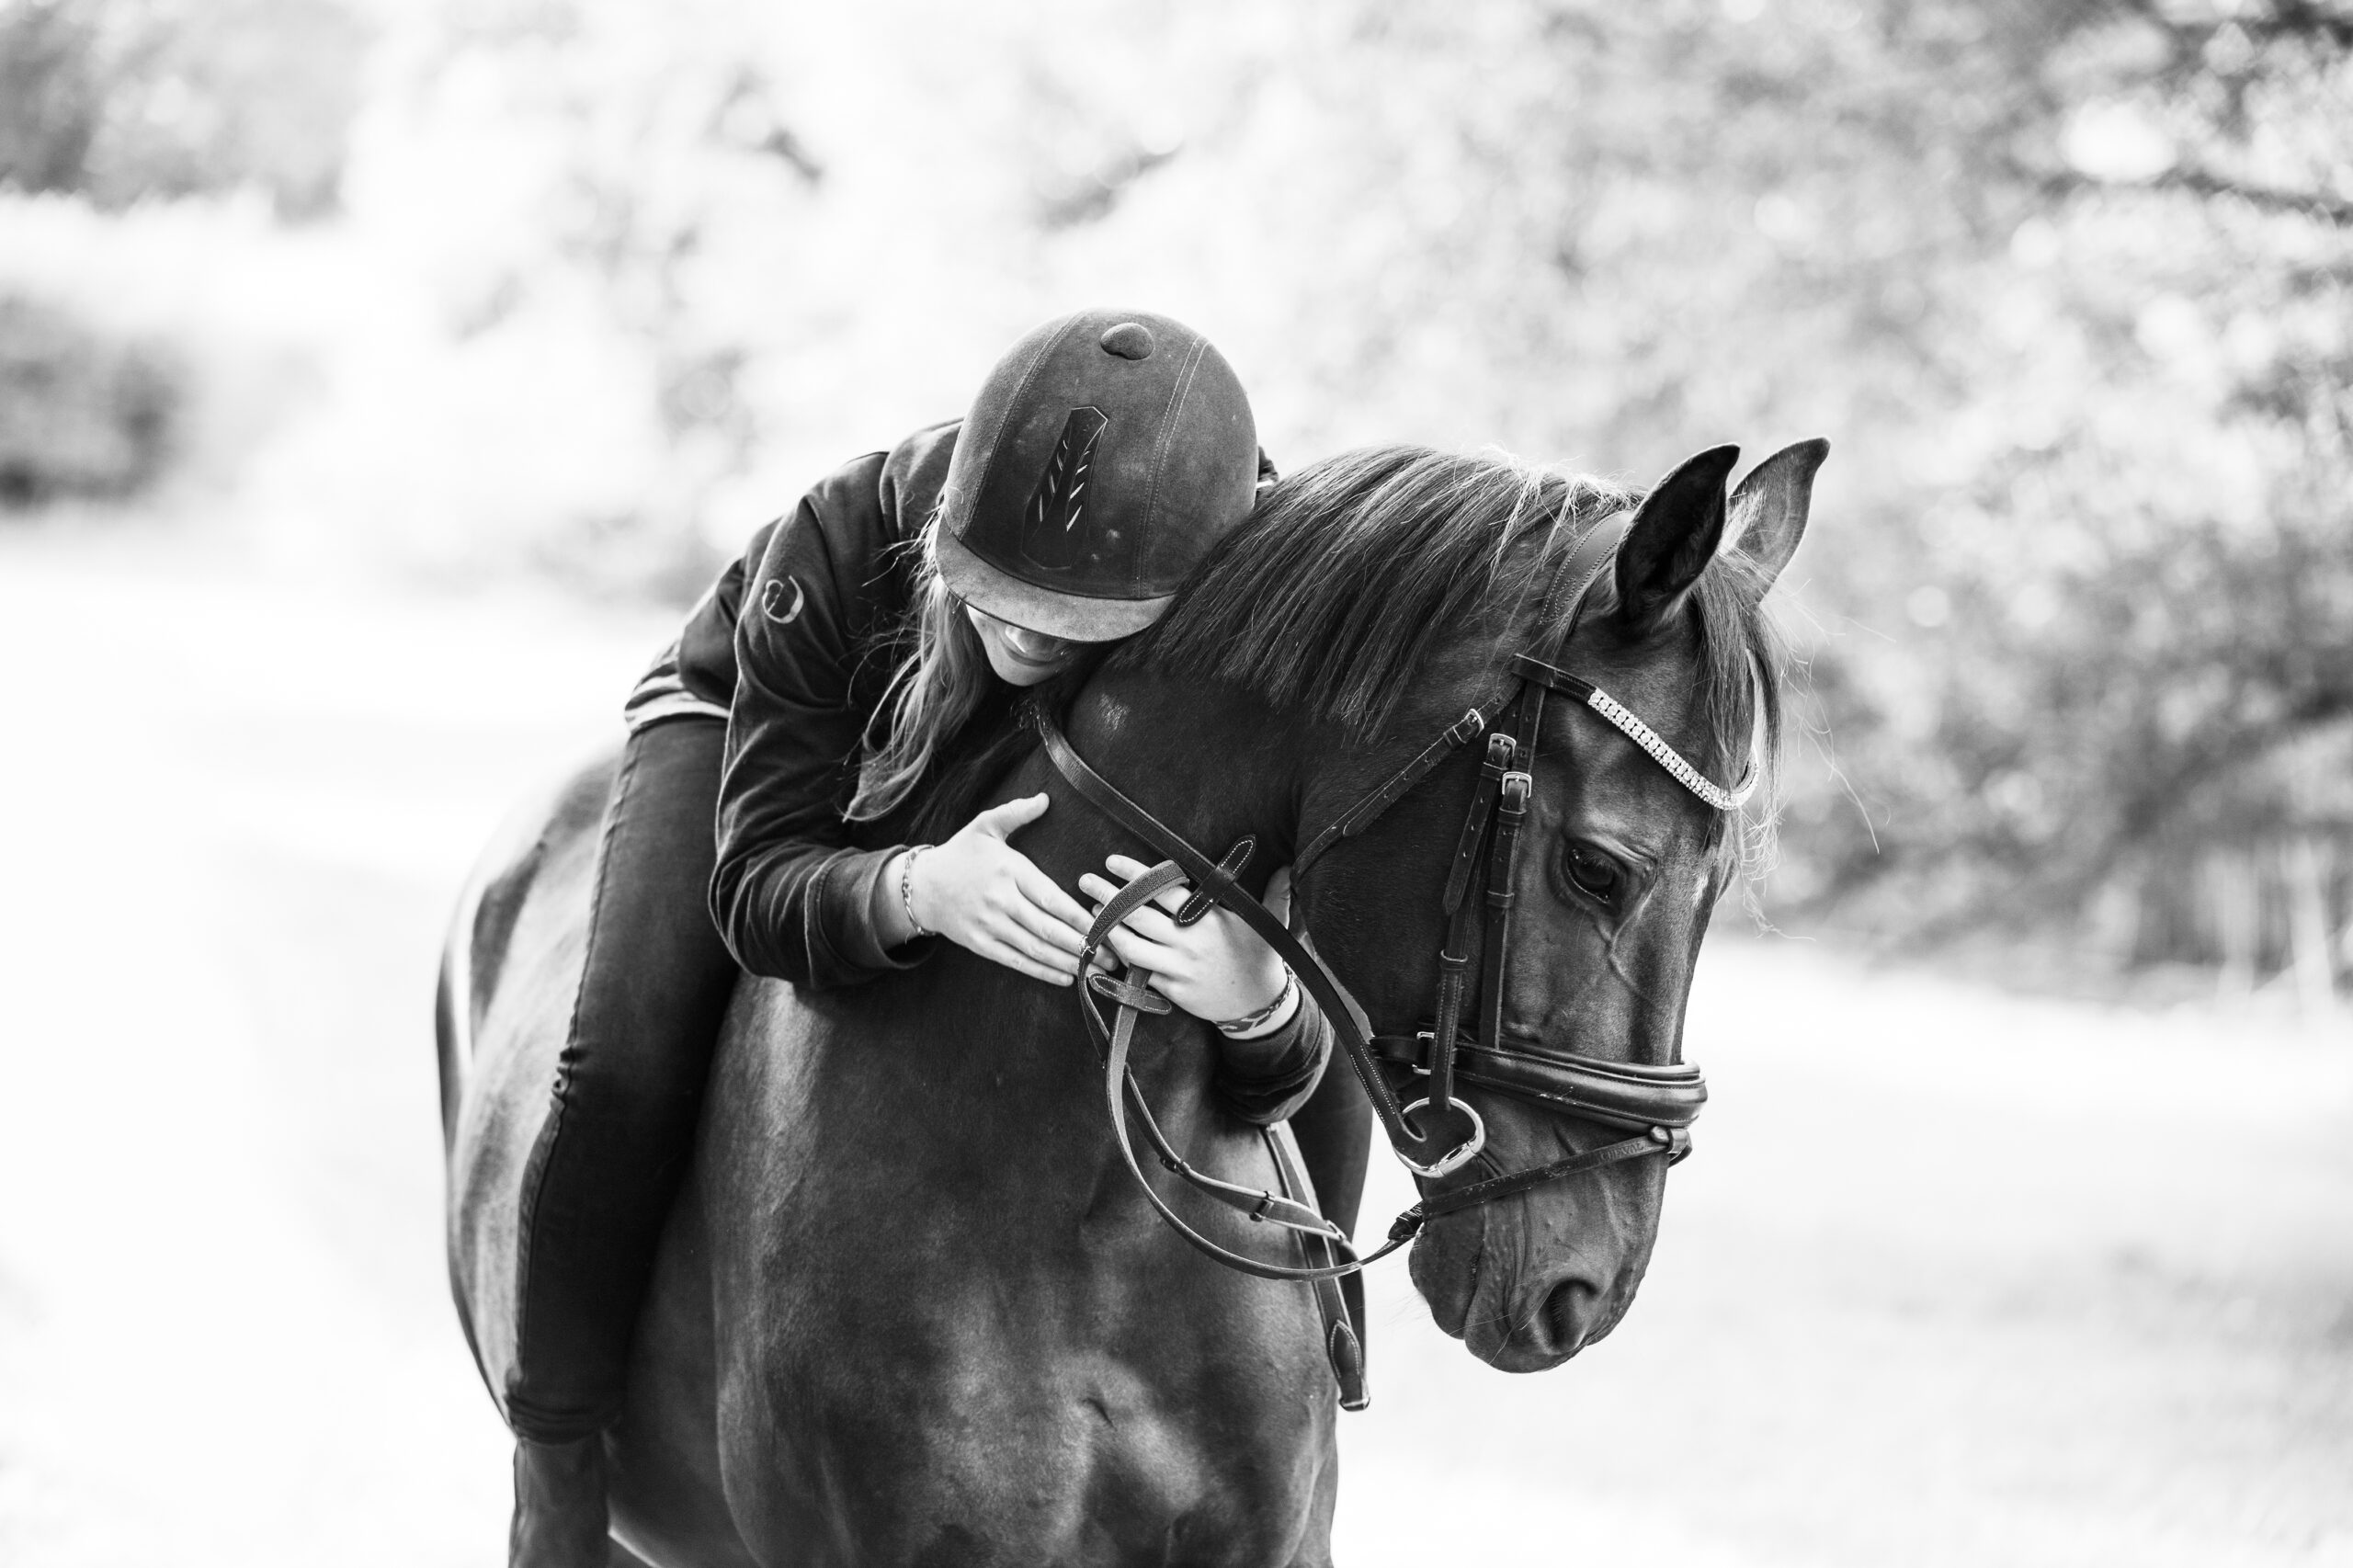 hestefotograf roskilde